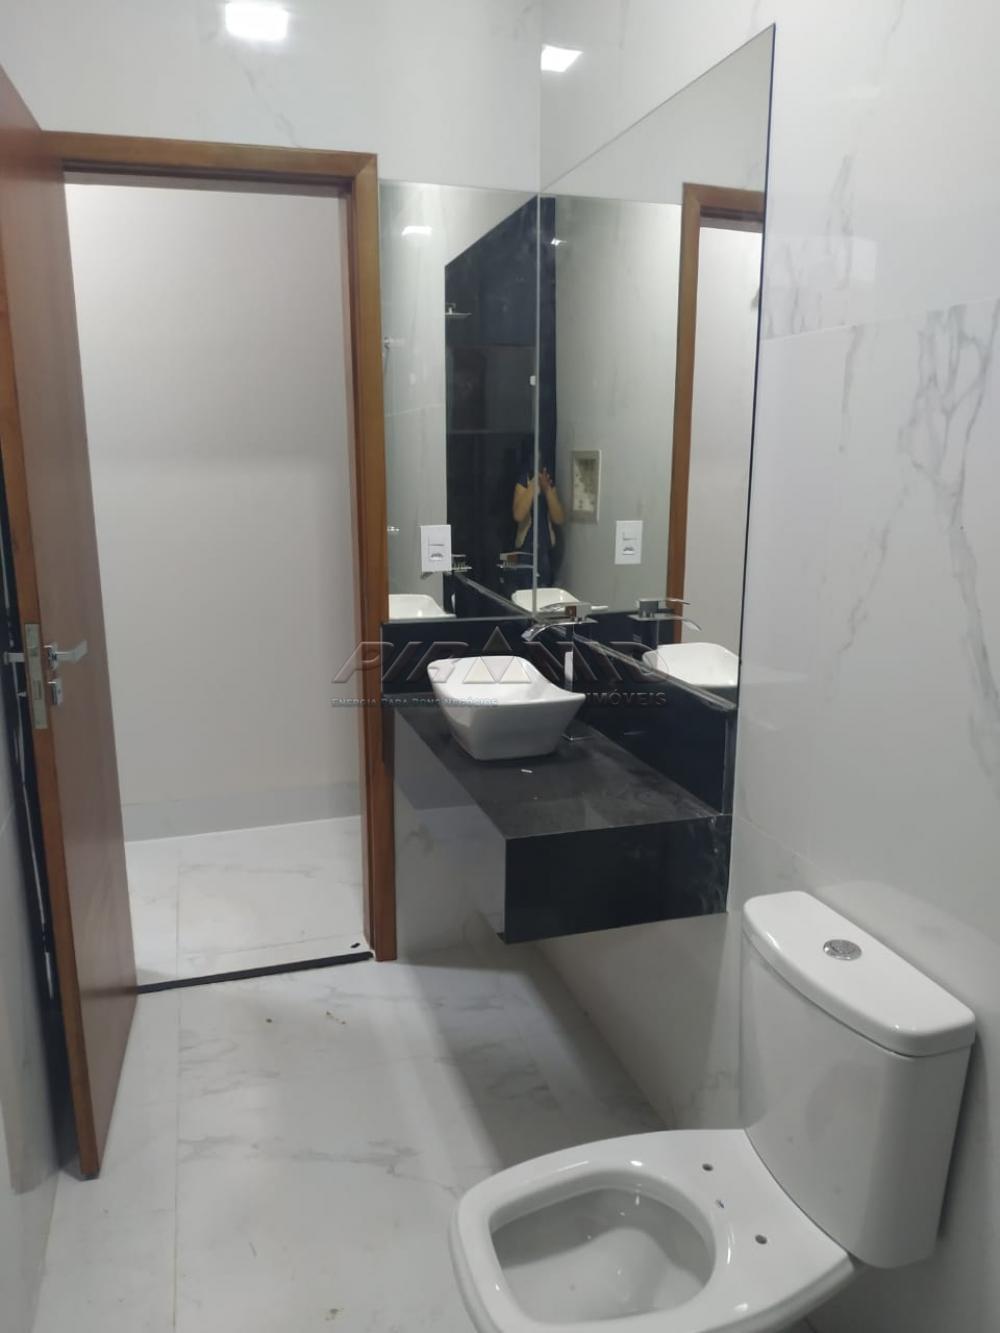 Comprar Casa / Condomínio em Ribeirão Preto apenas R$ 665.000,00 - Foto 11